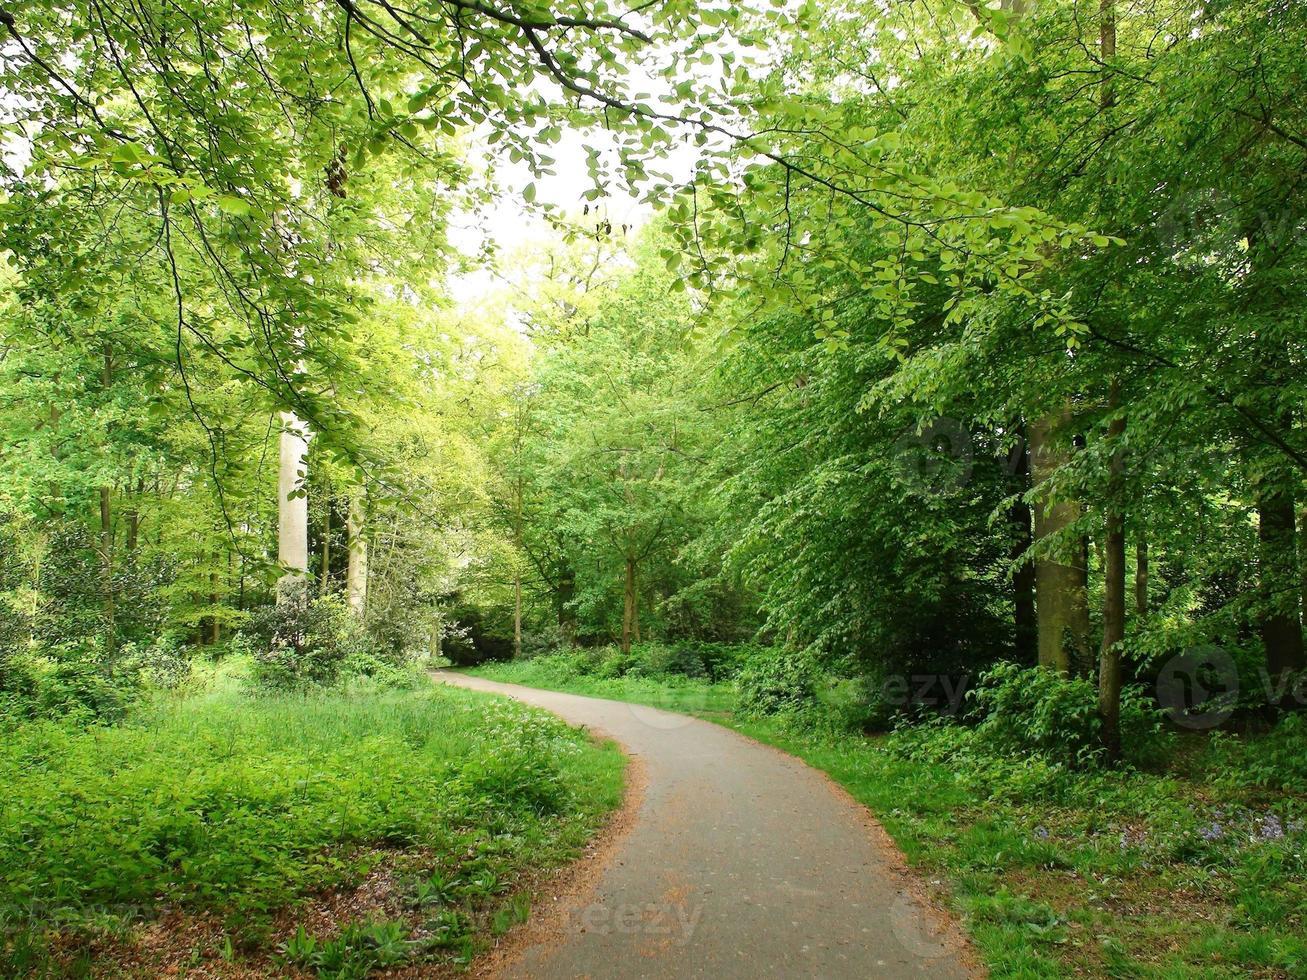 tittar på landsbygdens gångväg på sommaren foto